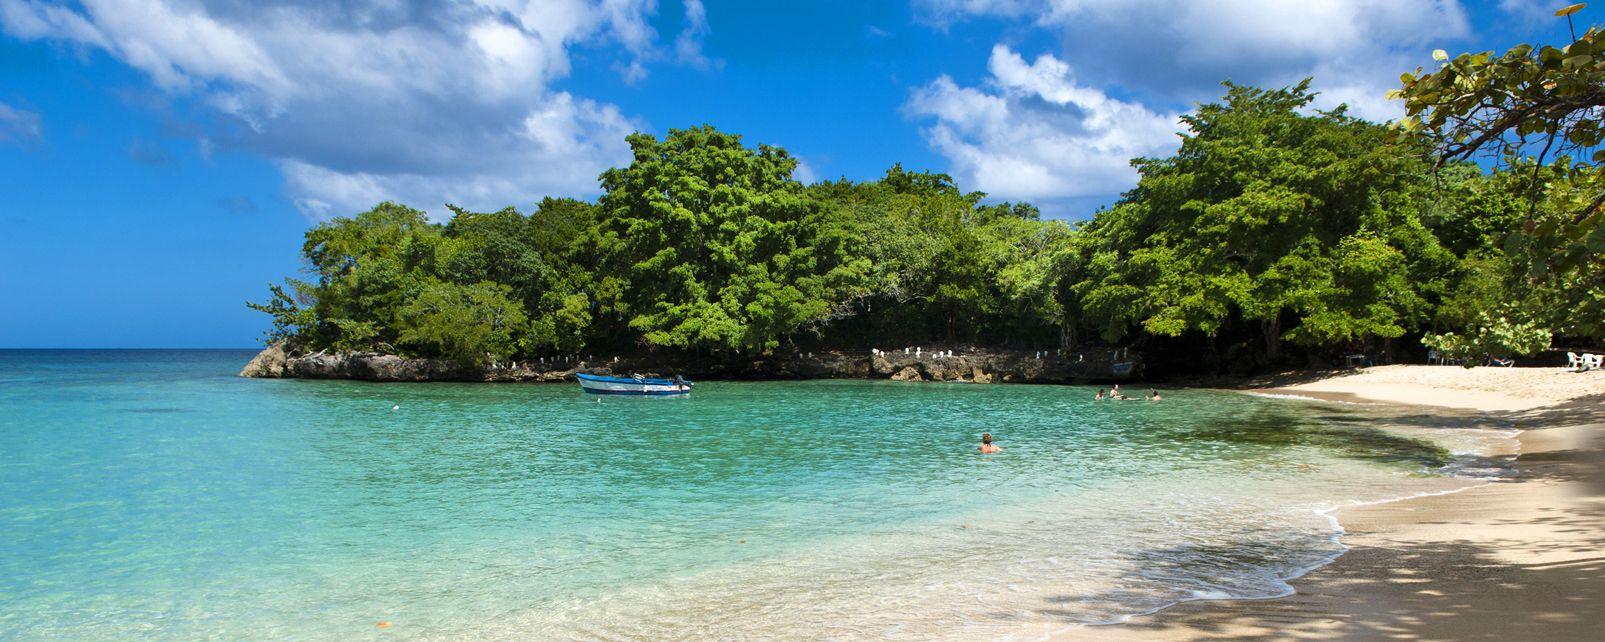 El golfo de Playa Grande, Playa Grande en Río San Juan, Las islas y las playas, República Dominicana